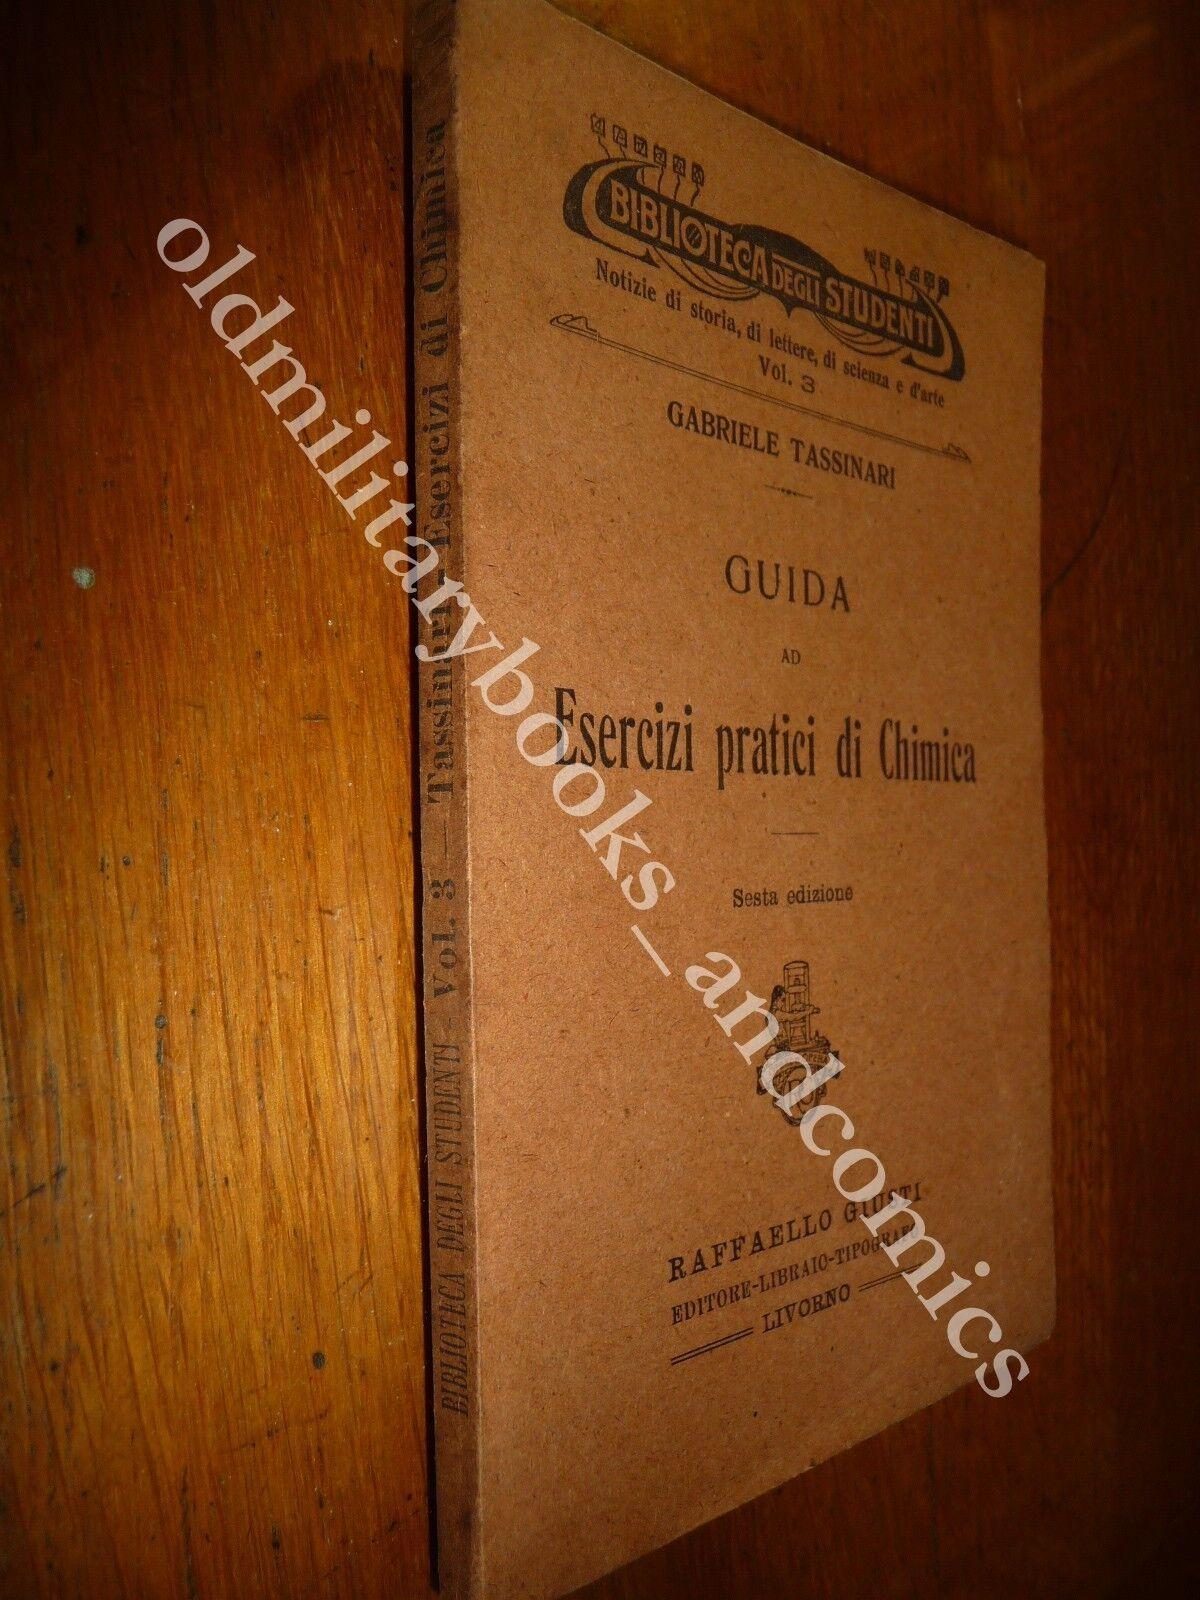 GUIDA AD ESERCIZI PRATICI DI CHIMICA GABRIELE TASSINARI 1919 BIBLIOTECA STUDENTI